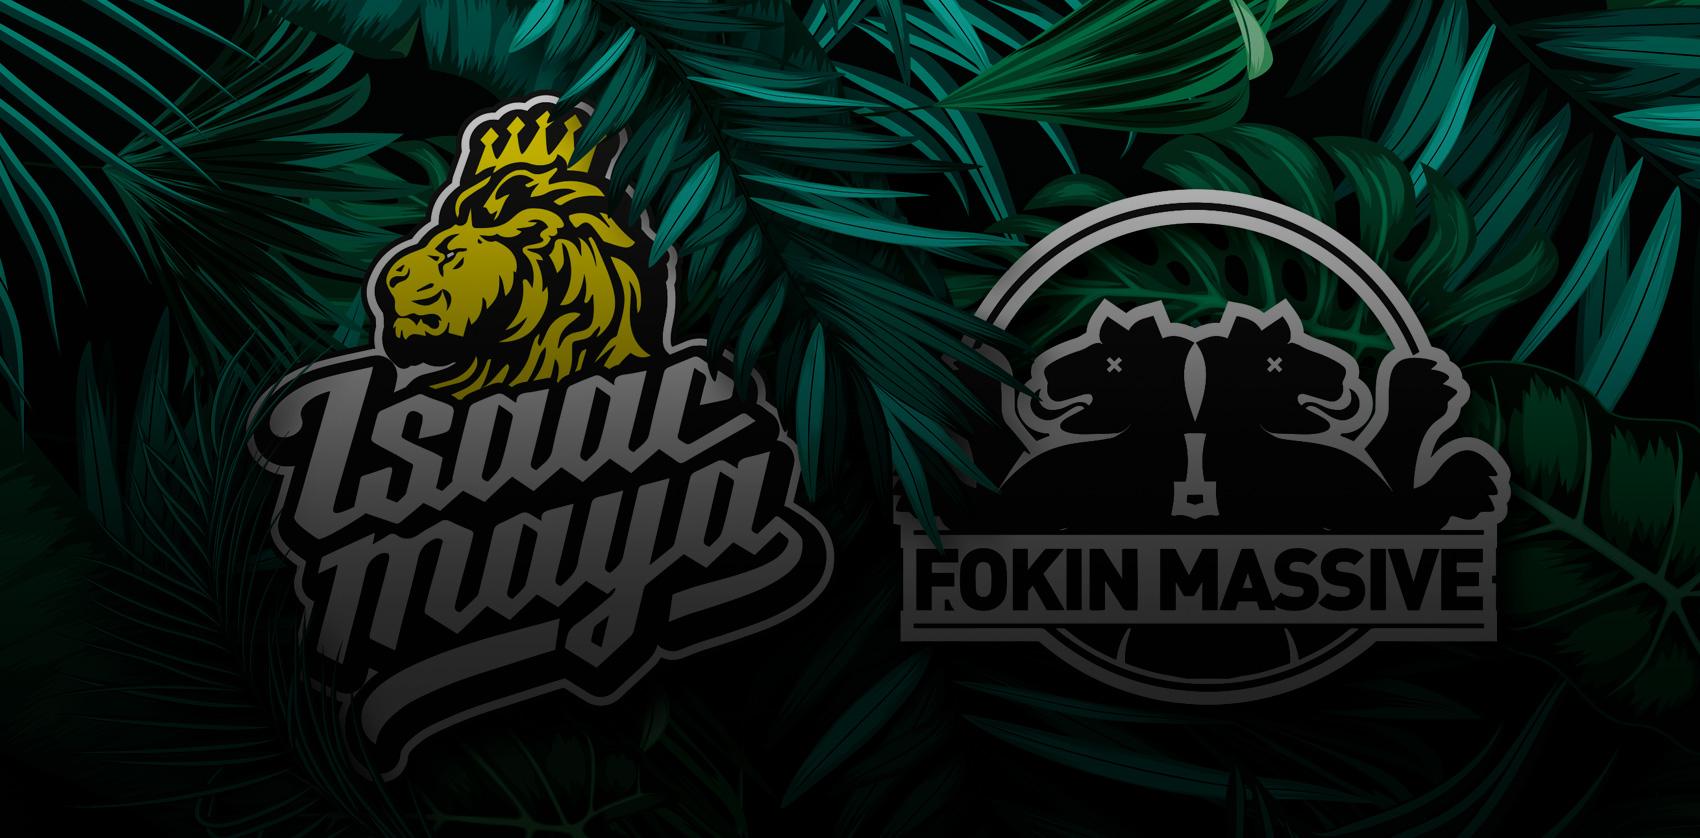 Isaac Maya @ Fokin Massive